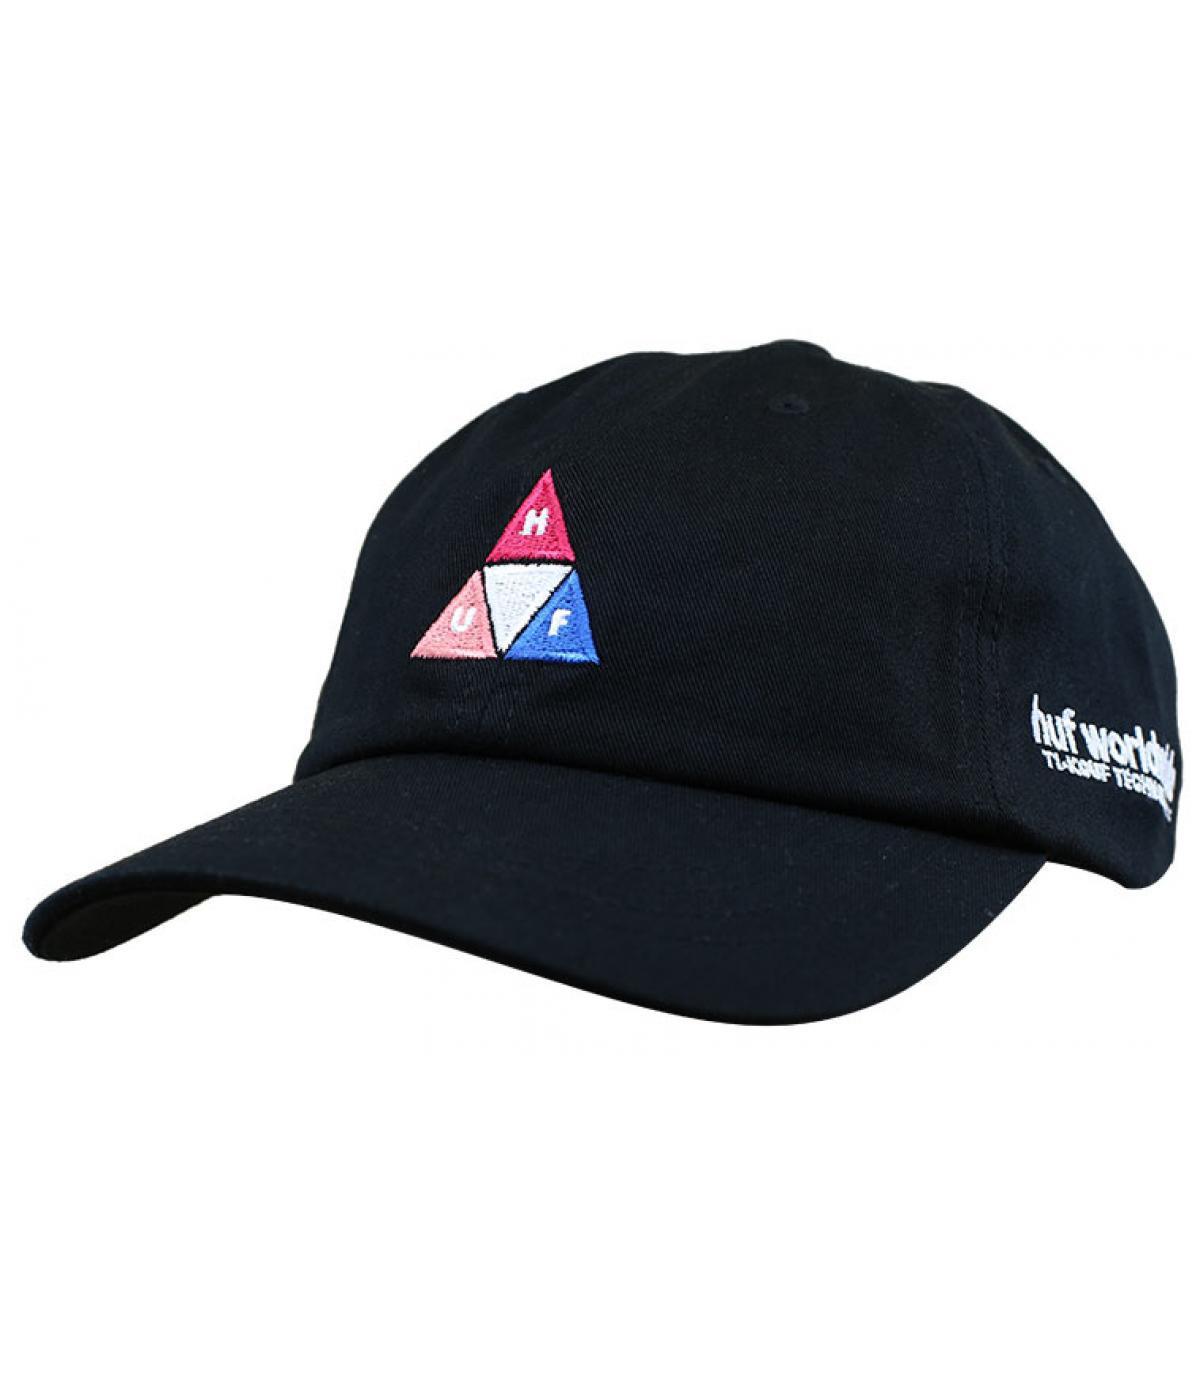 Détails Peak Logo black - image 2